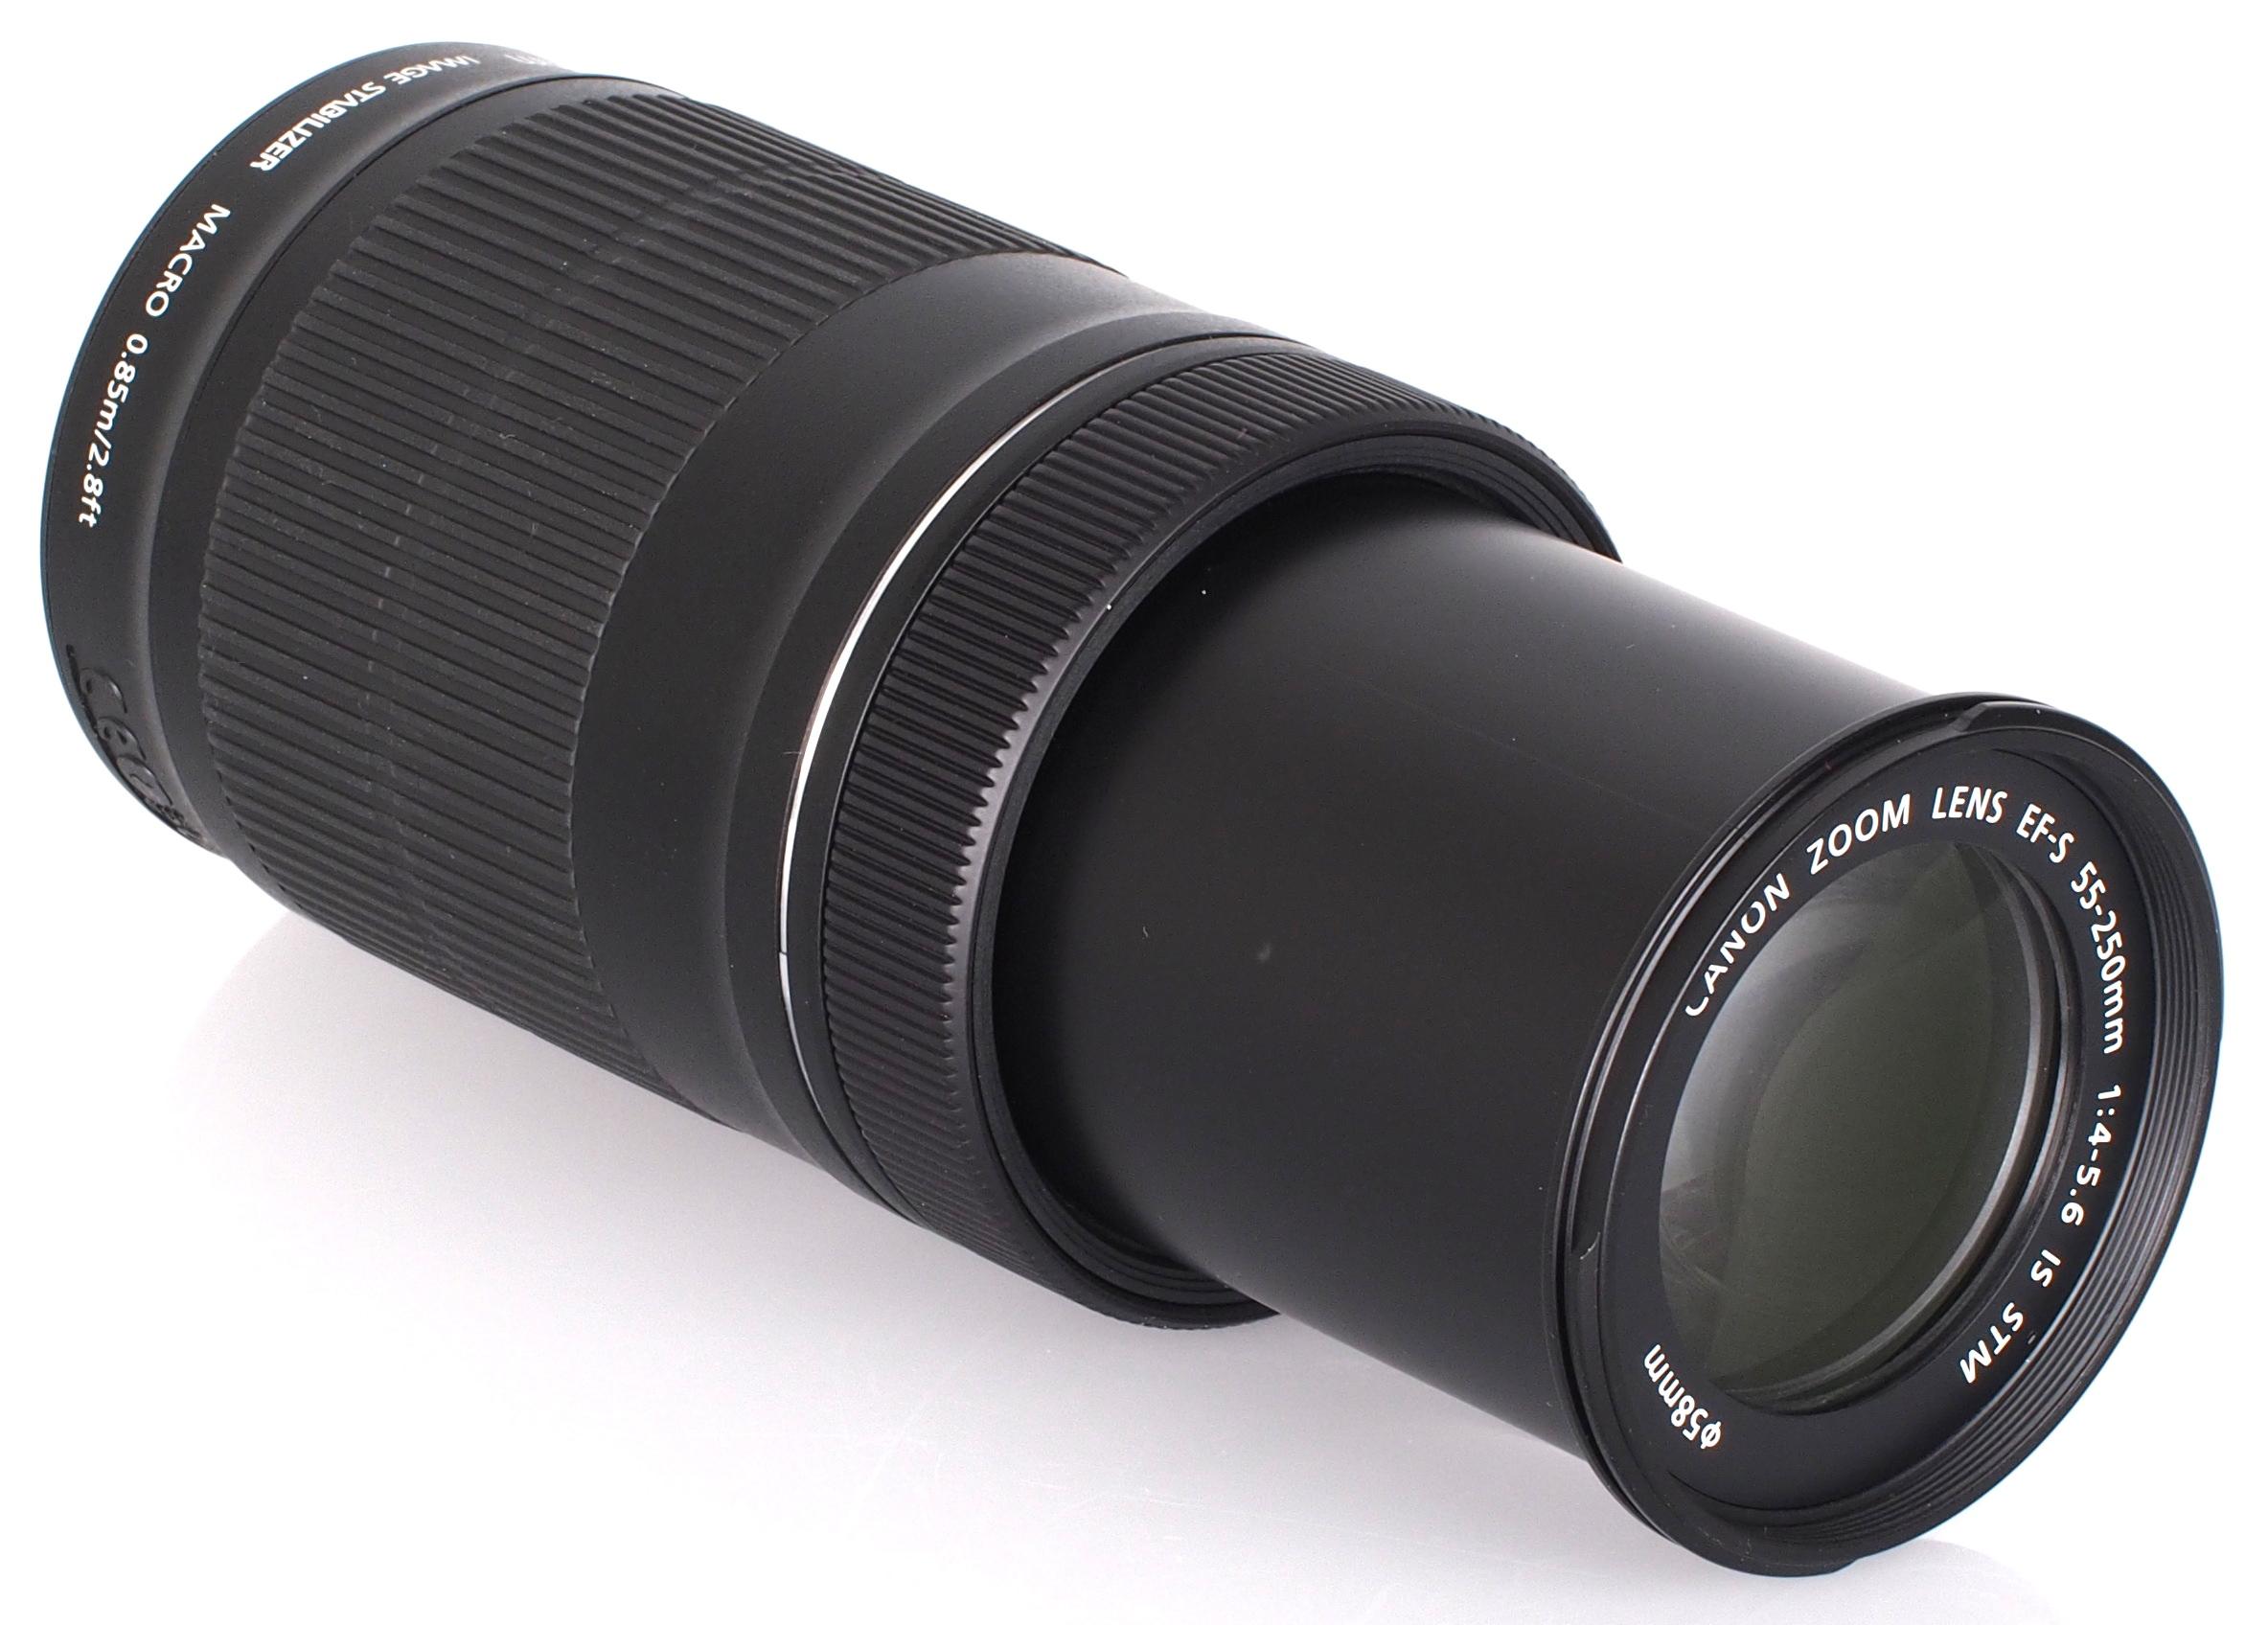 canon ef s 55 250mm f 4 5 6 is stm lens review. Black Bedroom Furniture Sets. Home Design Ideas